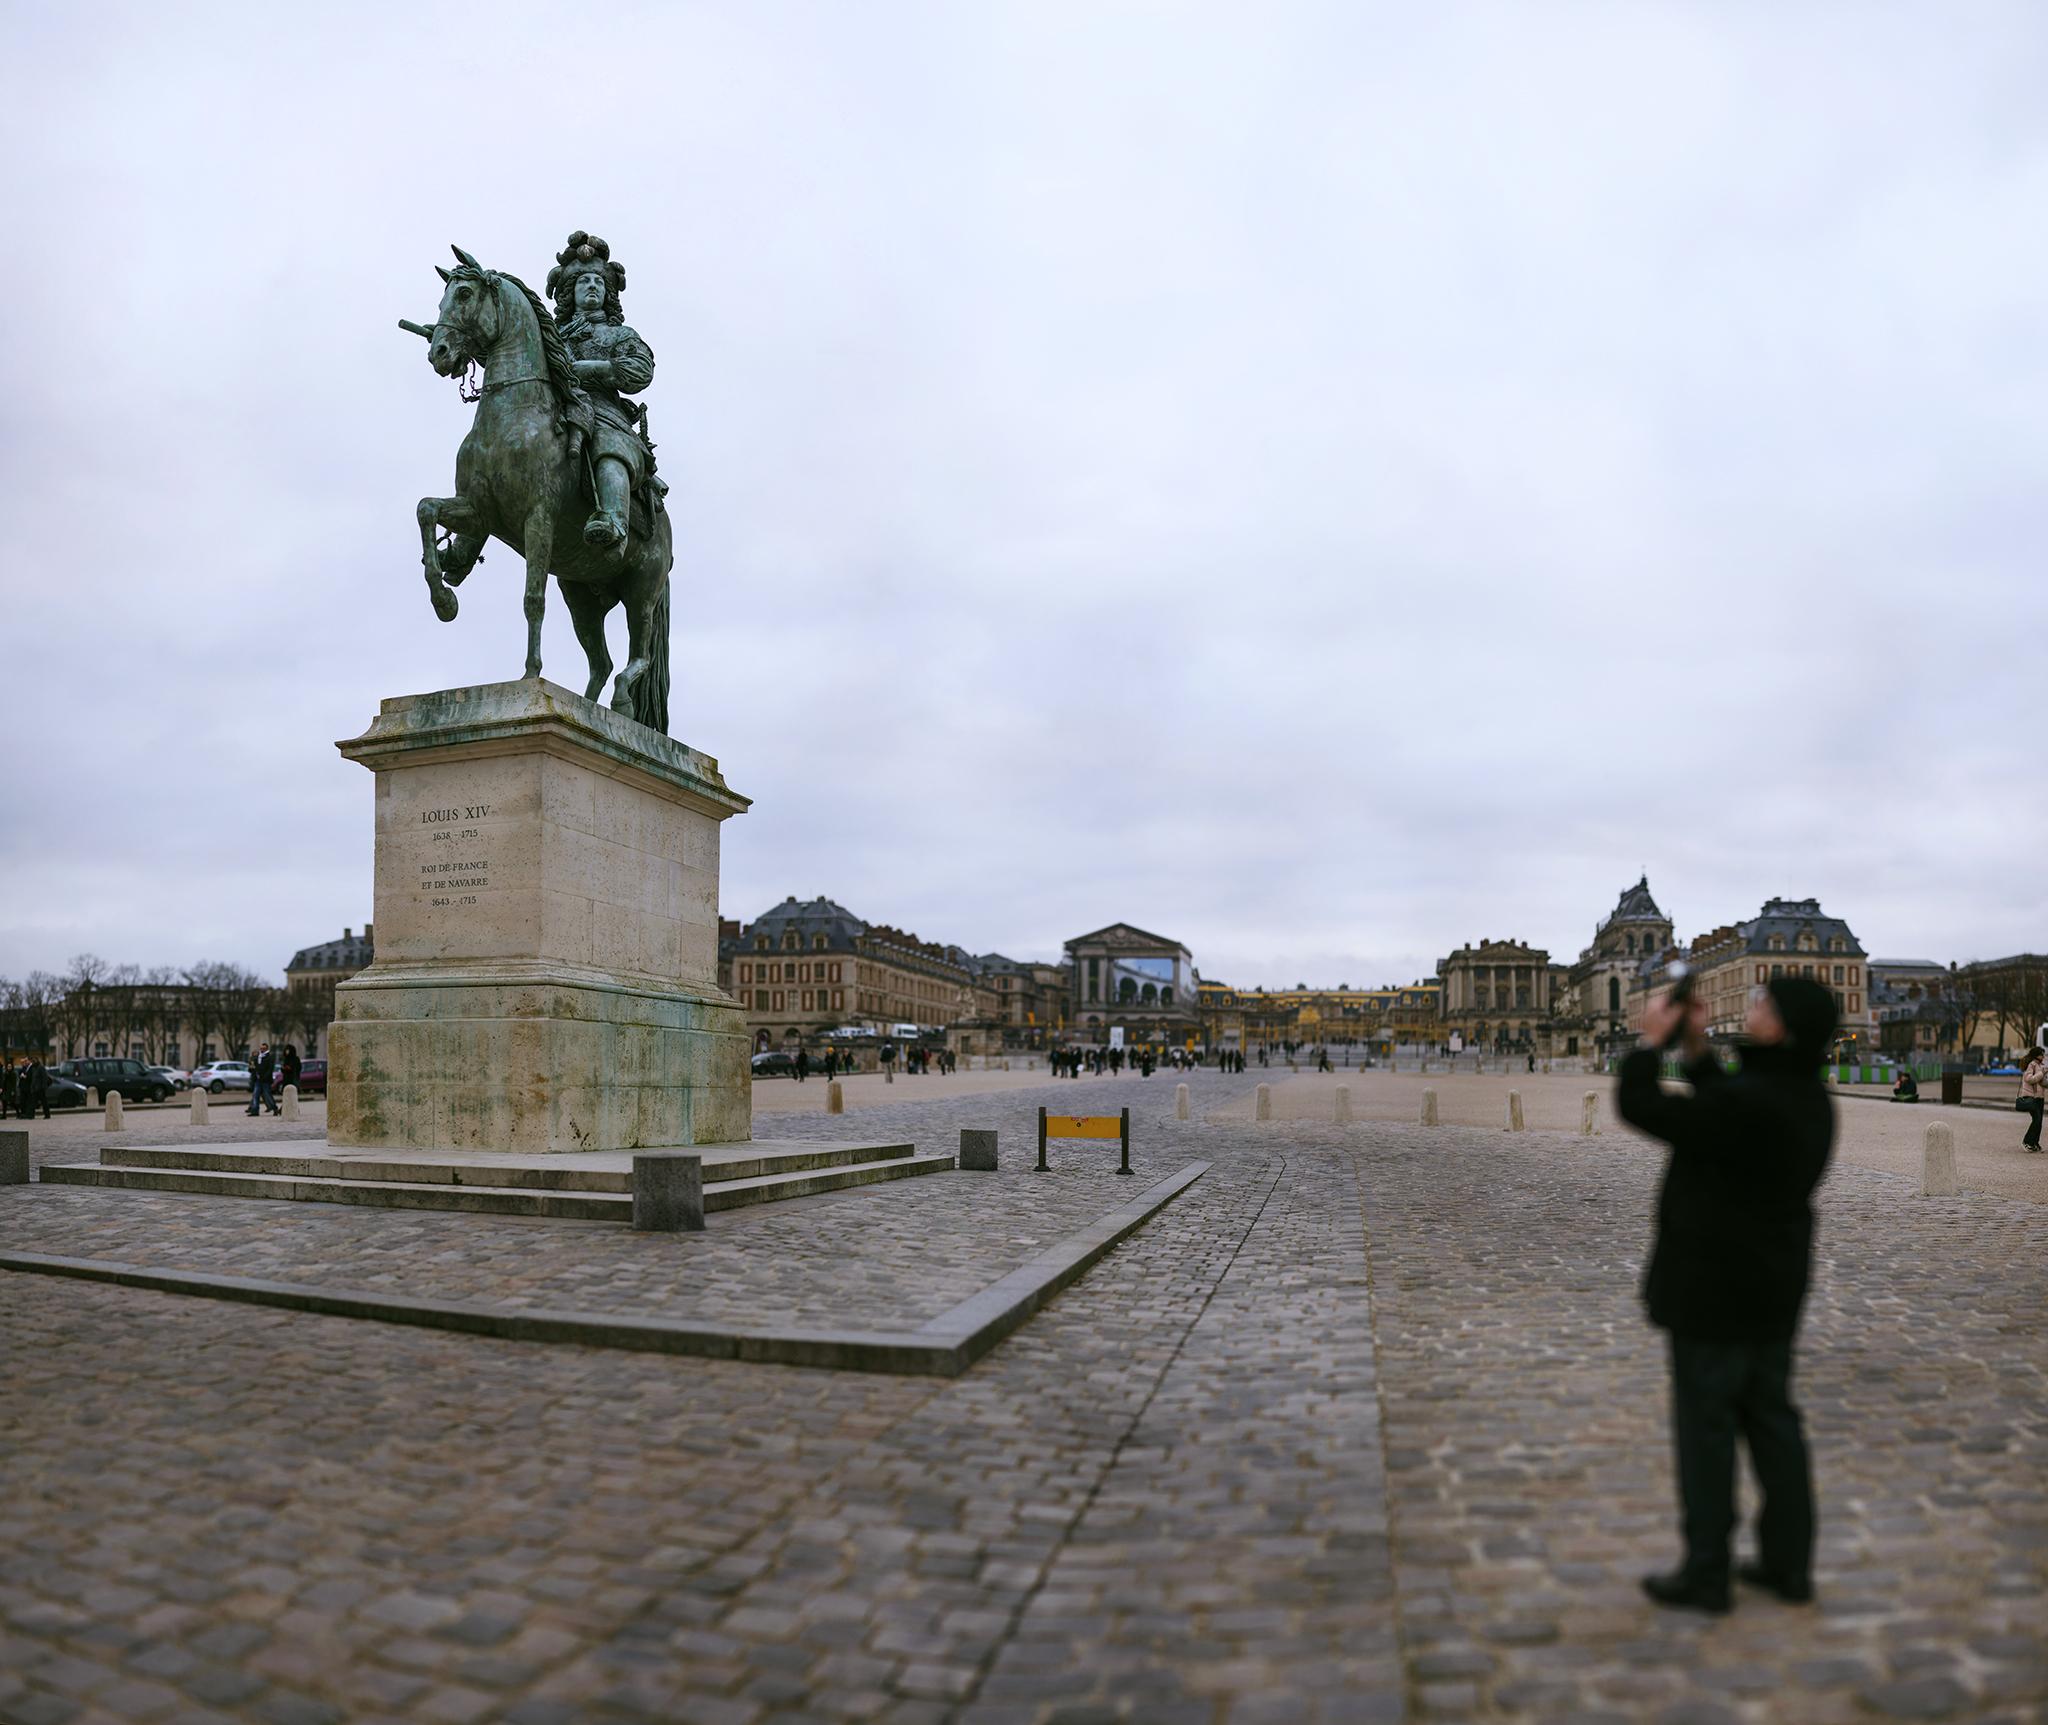 フランス:「ヴェルサイユ宮殿・門前・ルイ14世/The Palace of Versailles・The Statue of Louis XIV in front of the gold gate」